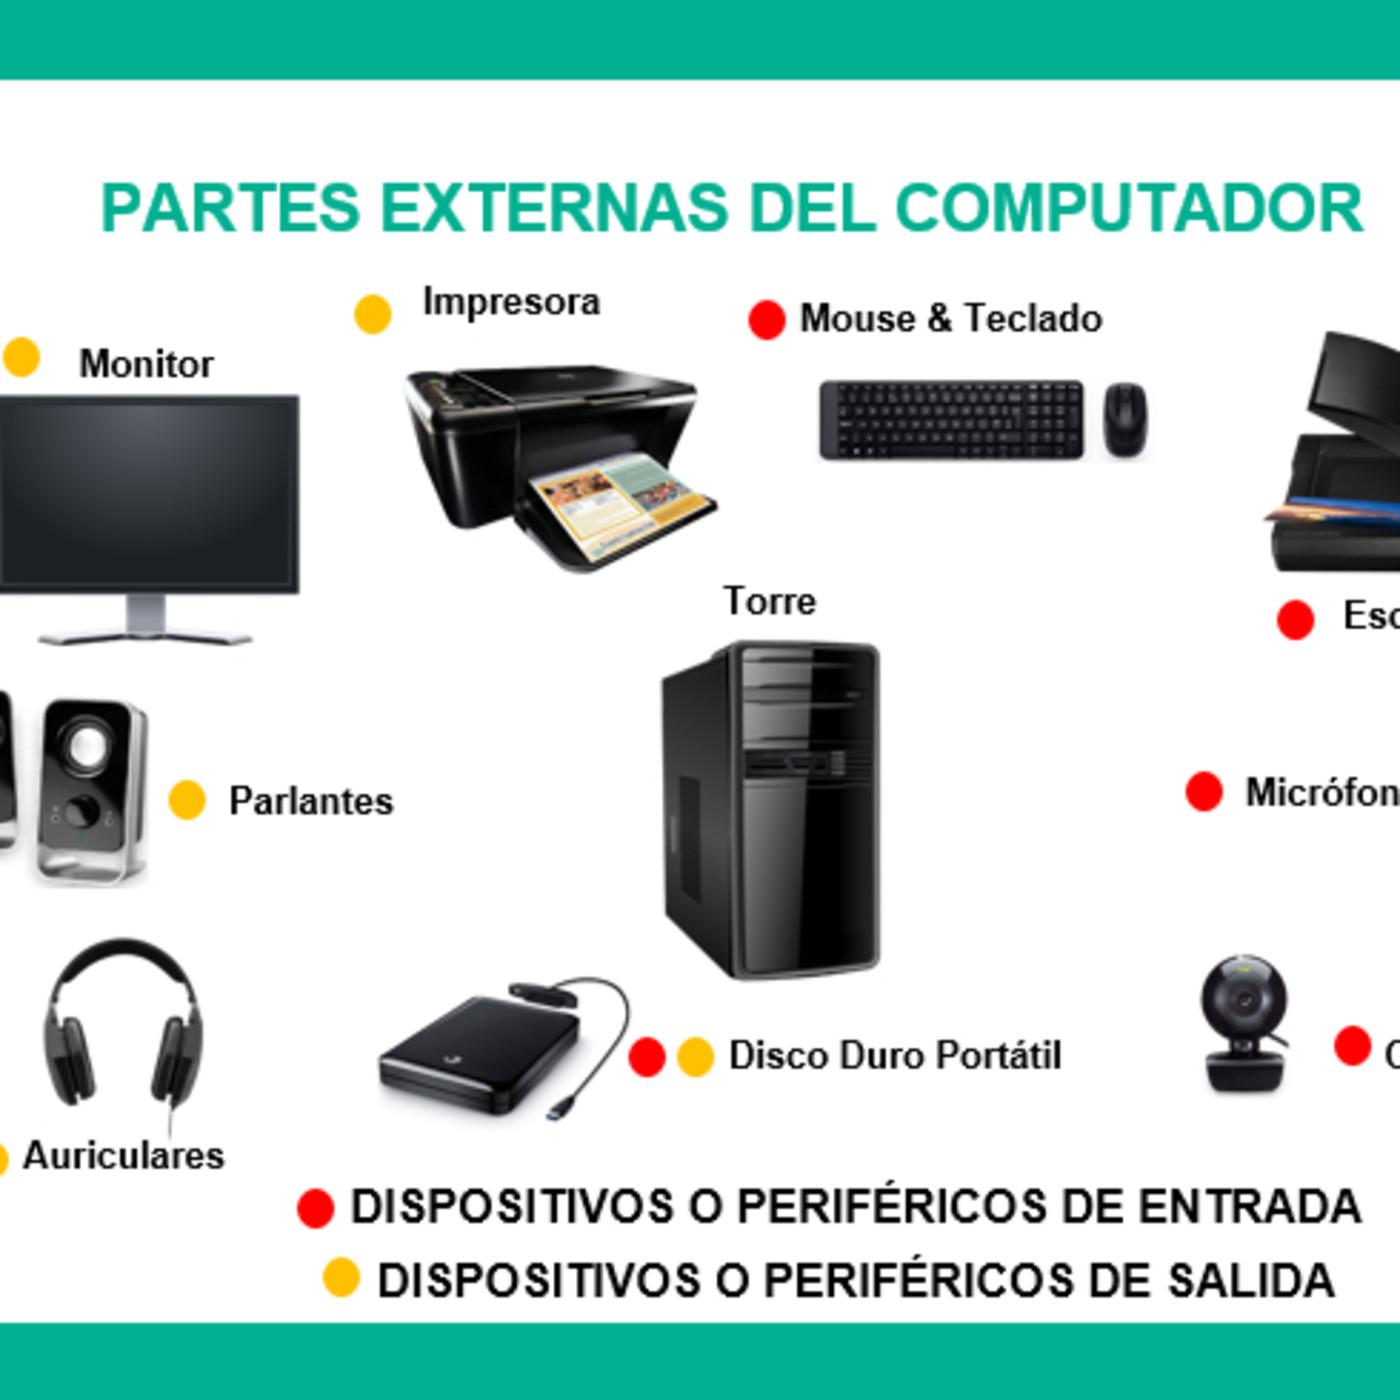 partes externas de la computadora en Esmeralda Martinez en mp3(18/02 a las  23:22:29) 01:13 47926059 - iVoox